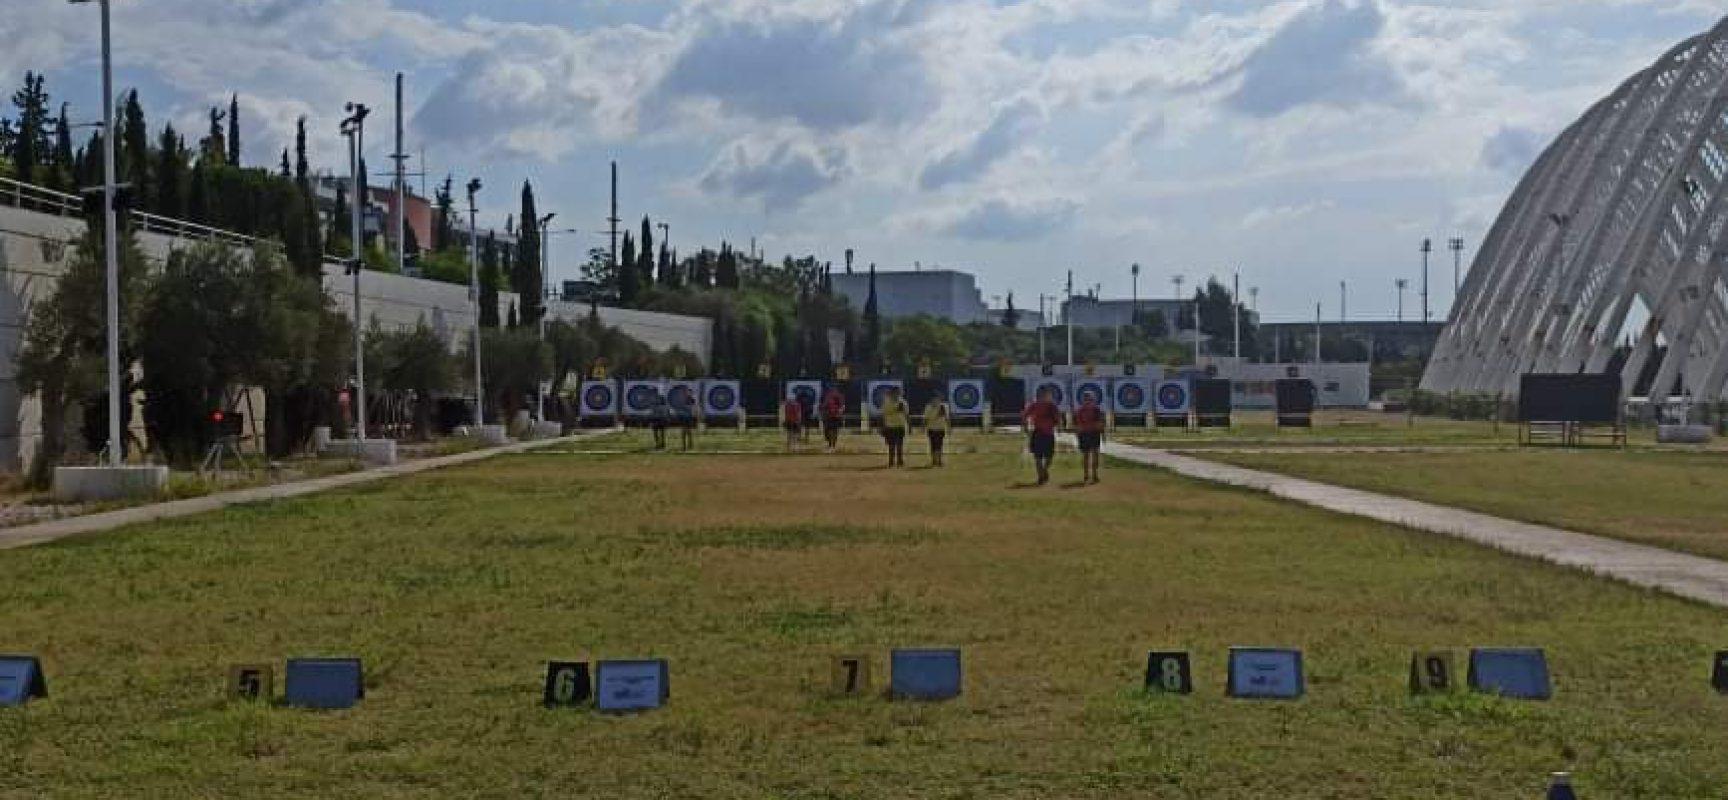 Oι αθλητές αλφαβητικά και ανά στόχο για τον αγώνα του Σαββατοκύριακου (17-18/10) στο ΟΑΚΑ